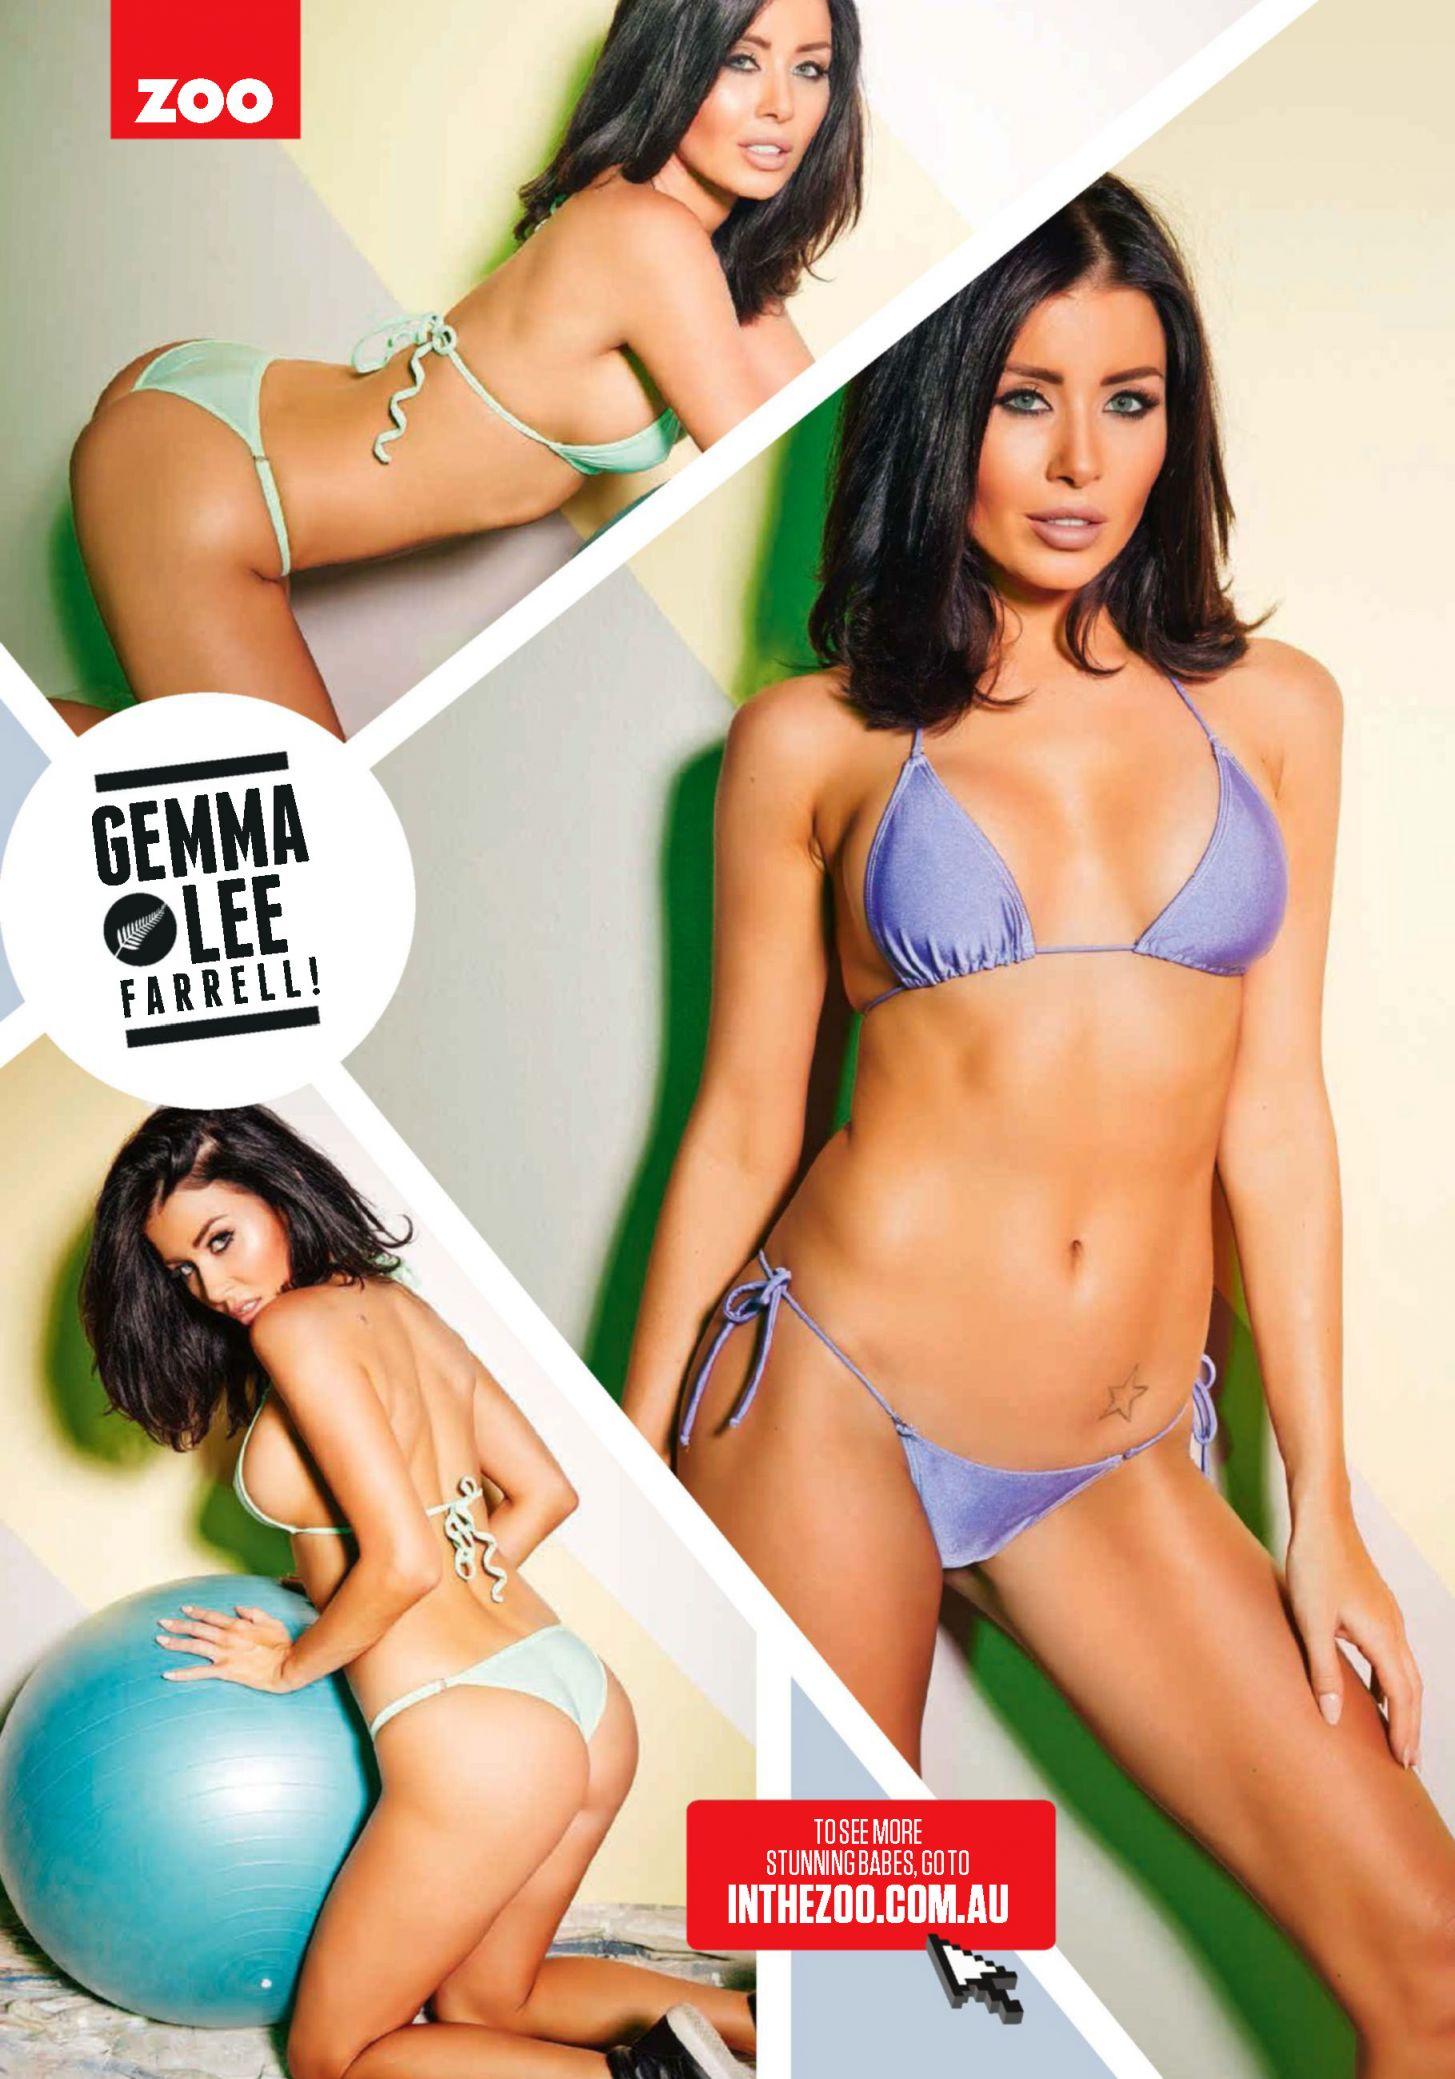 Gemma-Lee-Farrell-in-a-Bikini-Topless-7